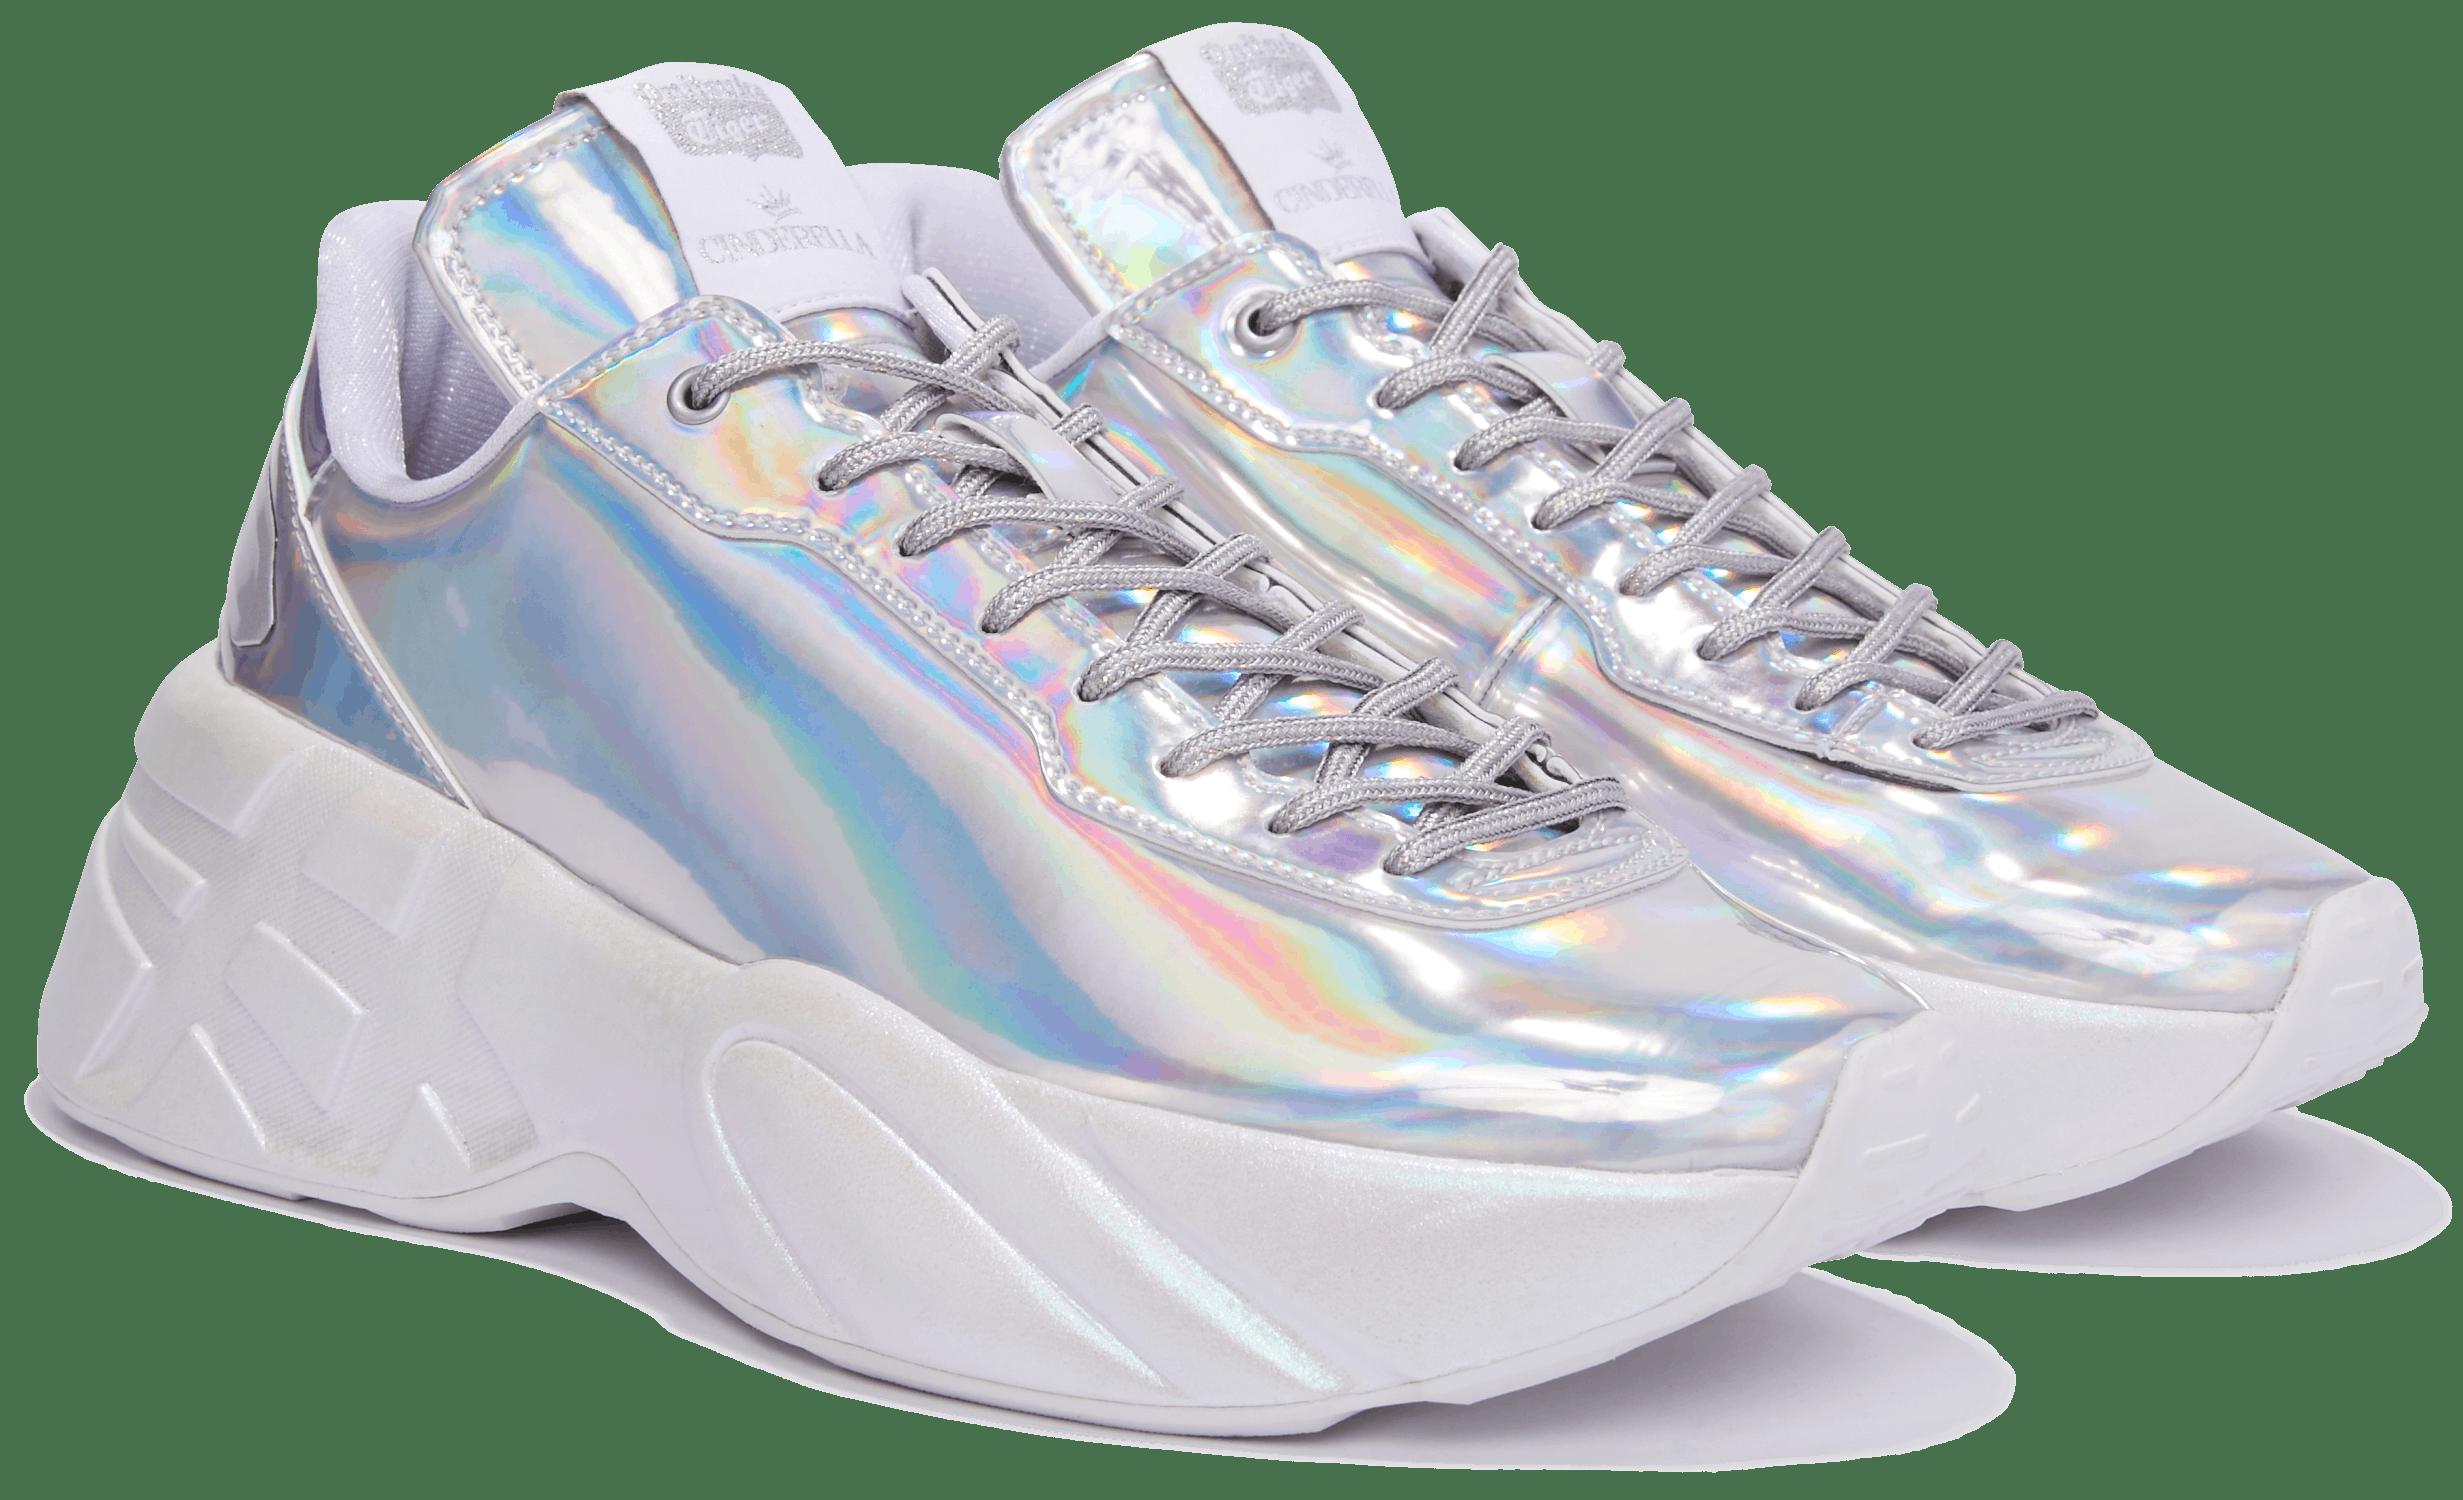 Tênis Tênis da Onitsuka Tiger inspirado no filme Cinderella. Ele possui cabedal holográfico e sola chunky branca.